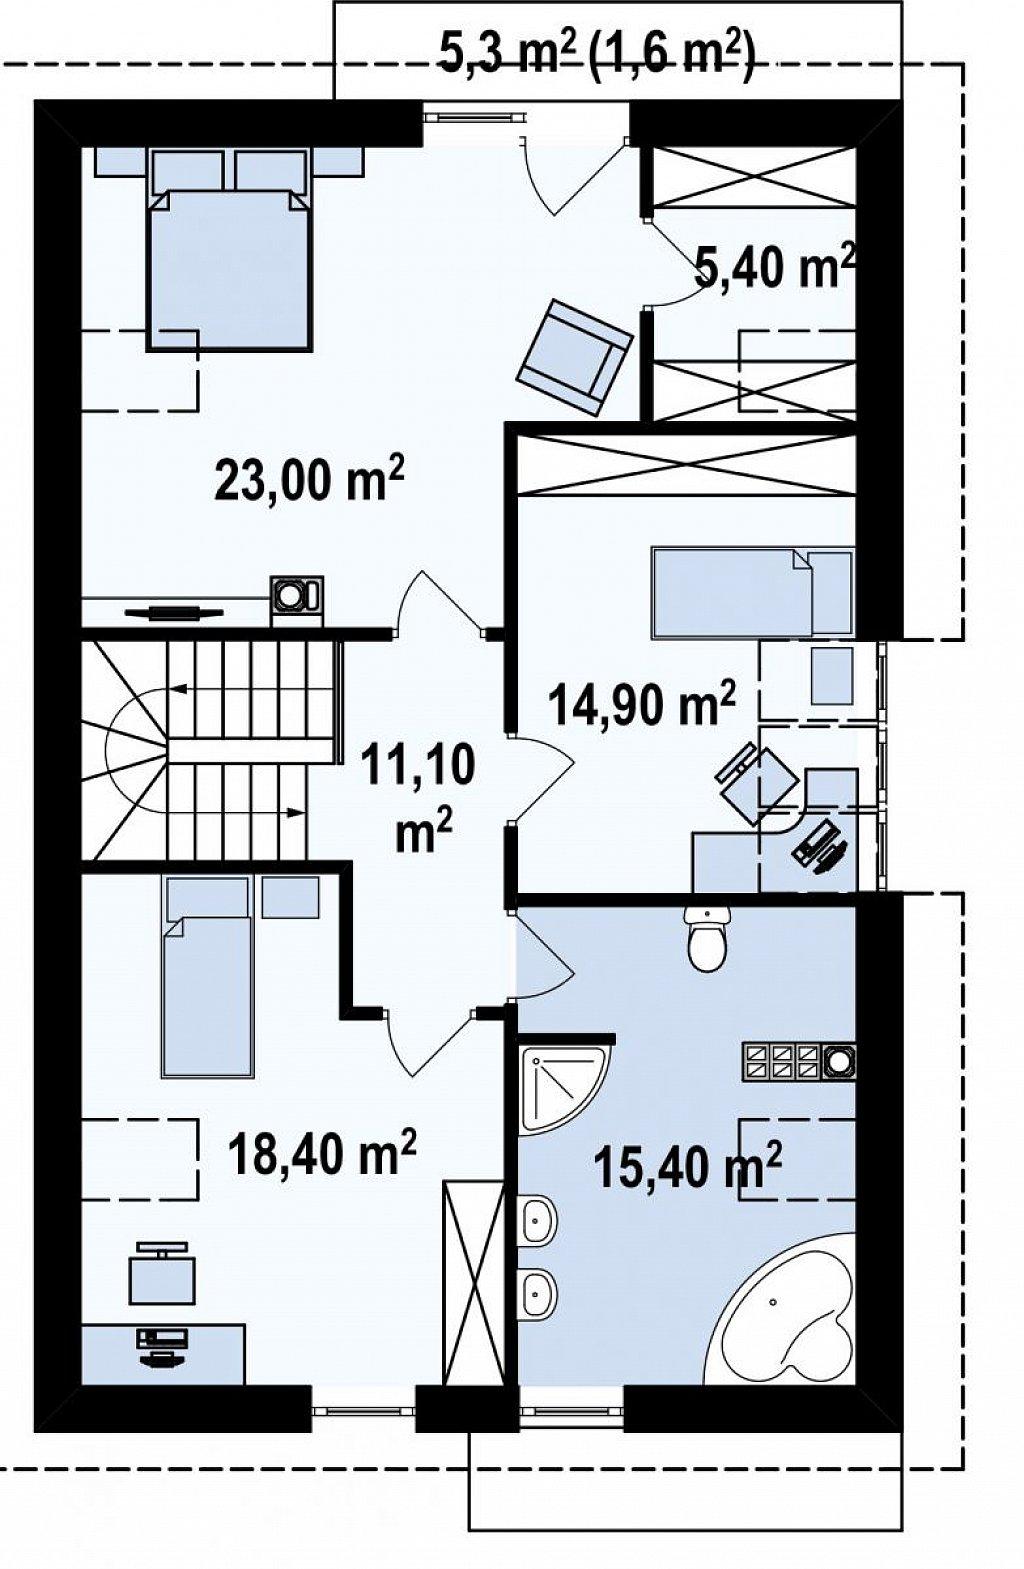 Дом в традиционном стиле с мансардой, со встроенным гаражом, подходящий для узкого участка. план помещений 2